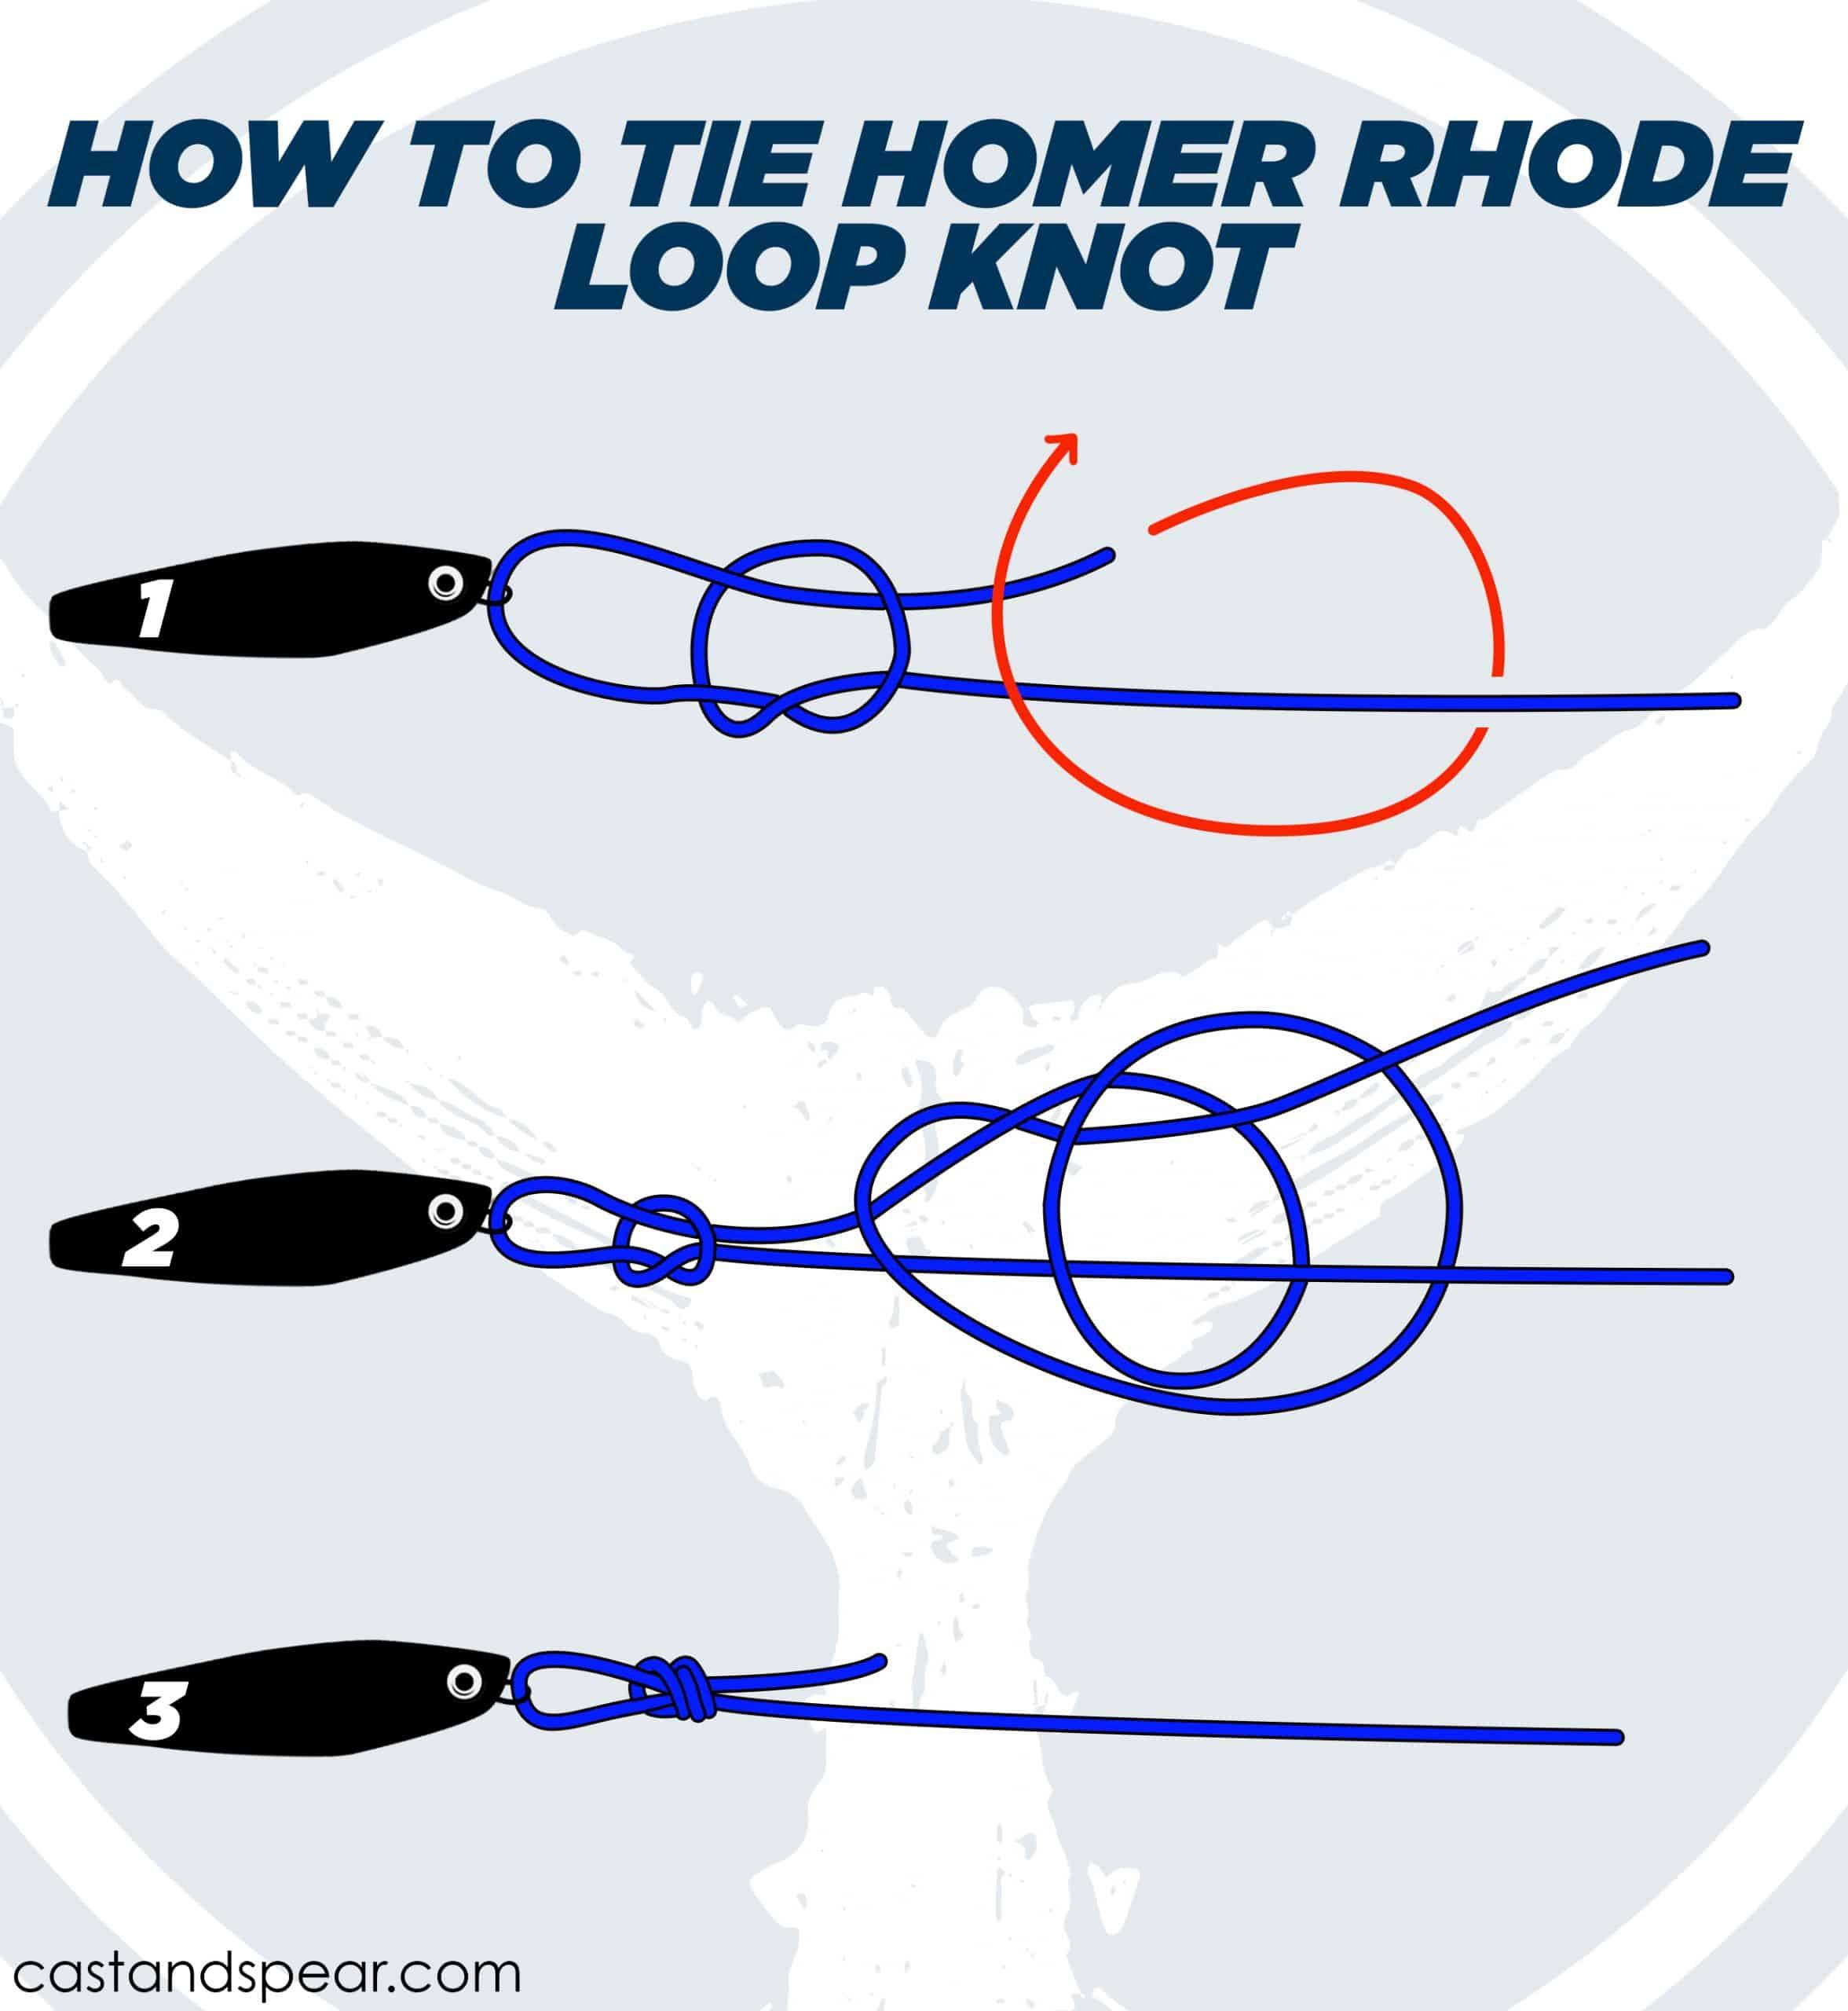 Homer Rhode Loop